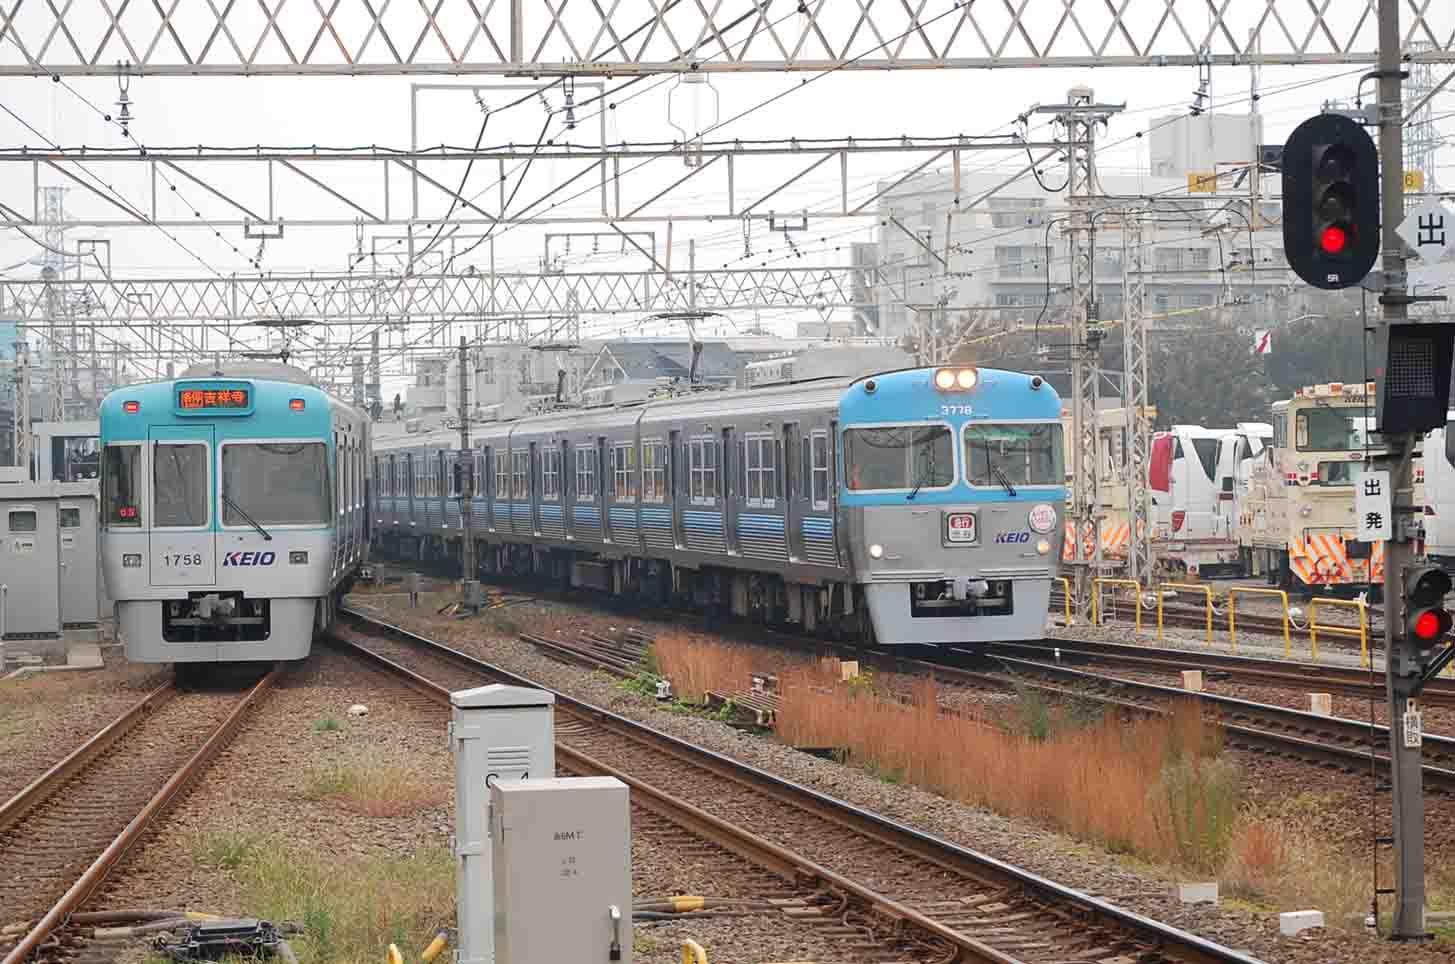 20111106井の頭3000系 009A